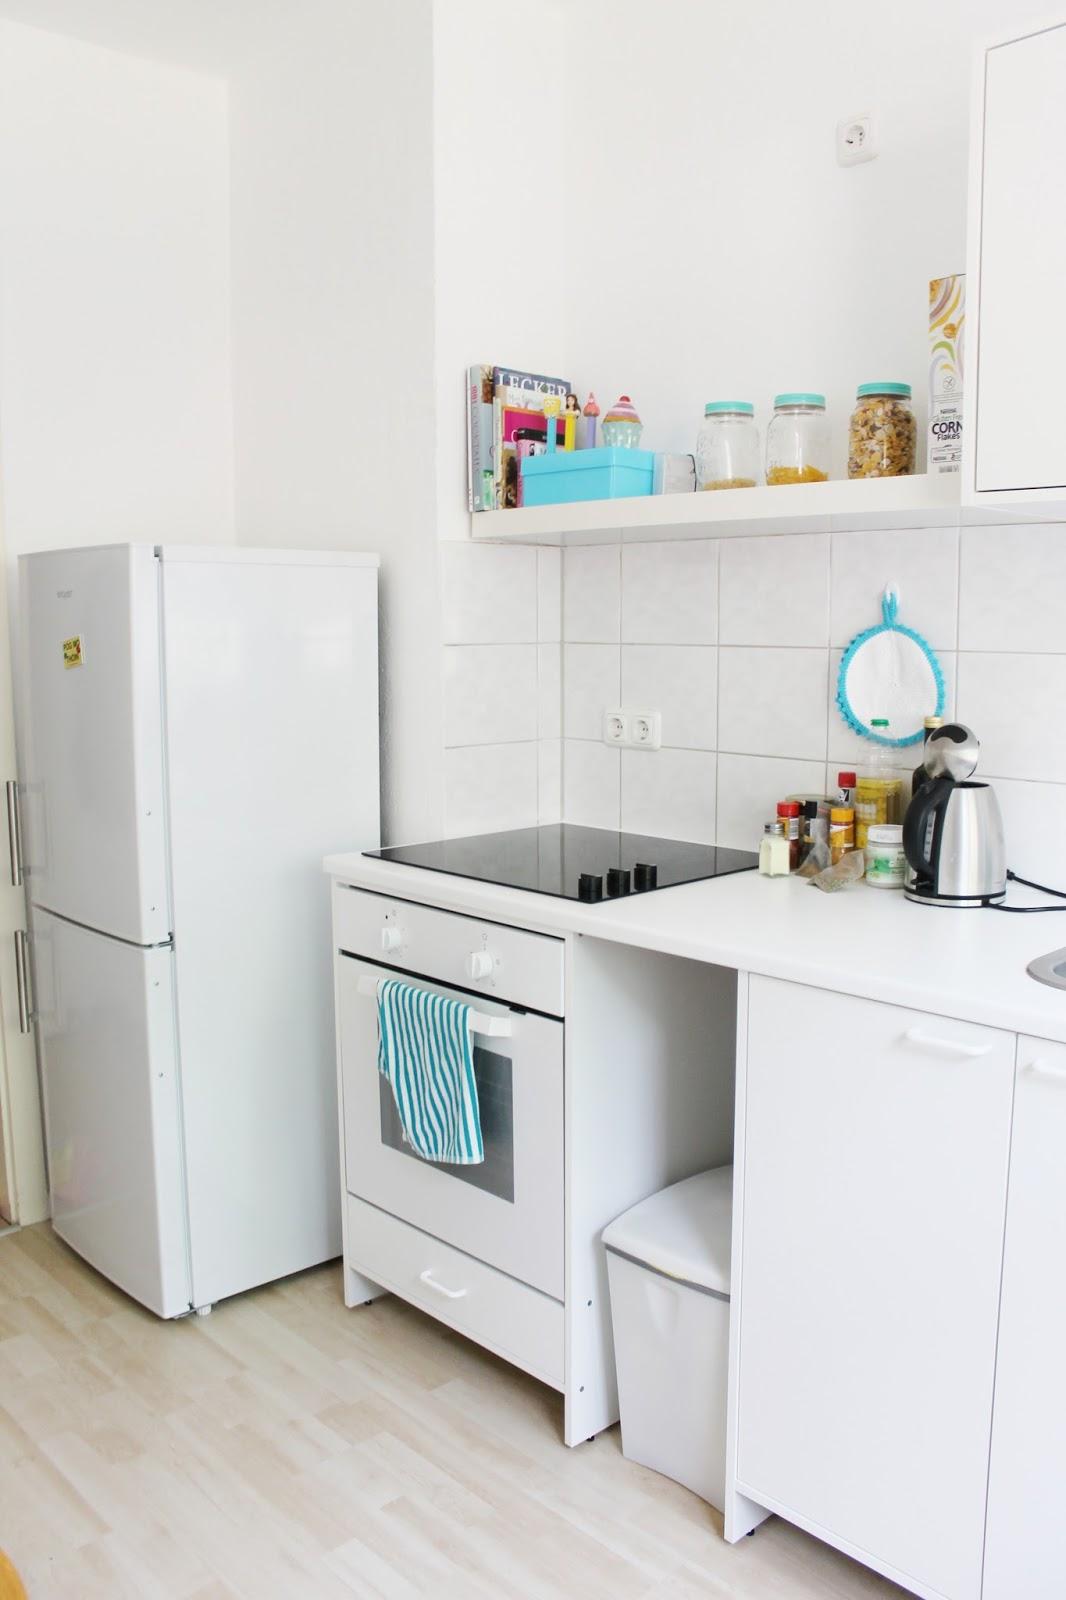 Wohnzimmerz: Kleine Küchenzeile With Küche: Wohnideen Retro ...